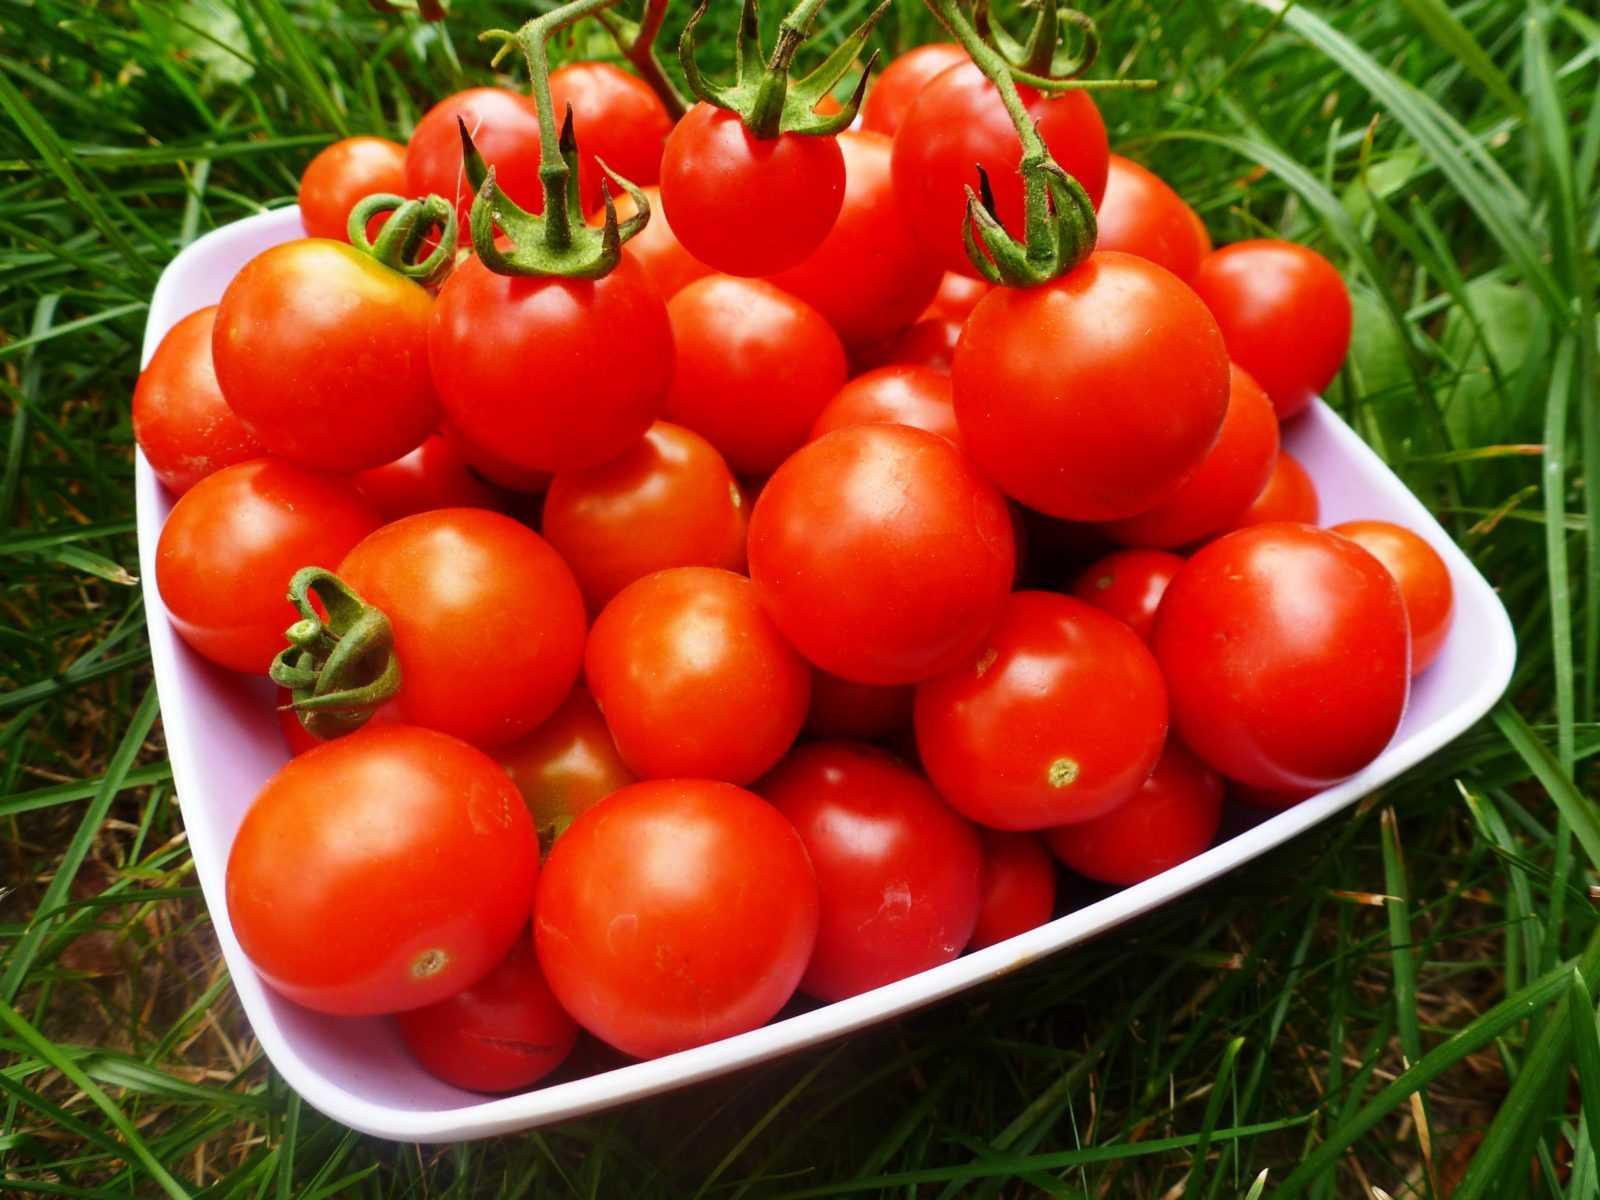 pomidory-cherri-foto-video-luchshie-sorta-opisanie-lichnyj-opyt-vyrashhivaniya-38